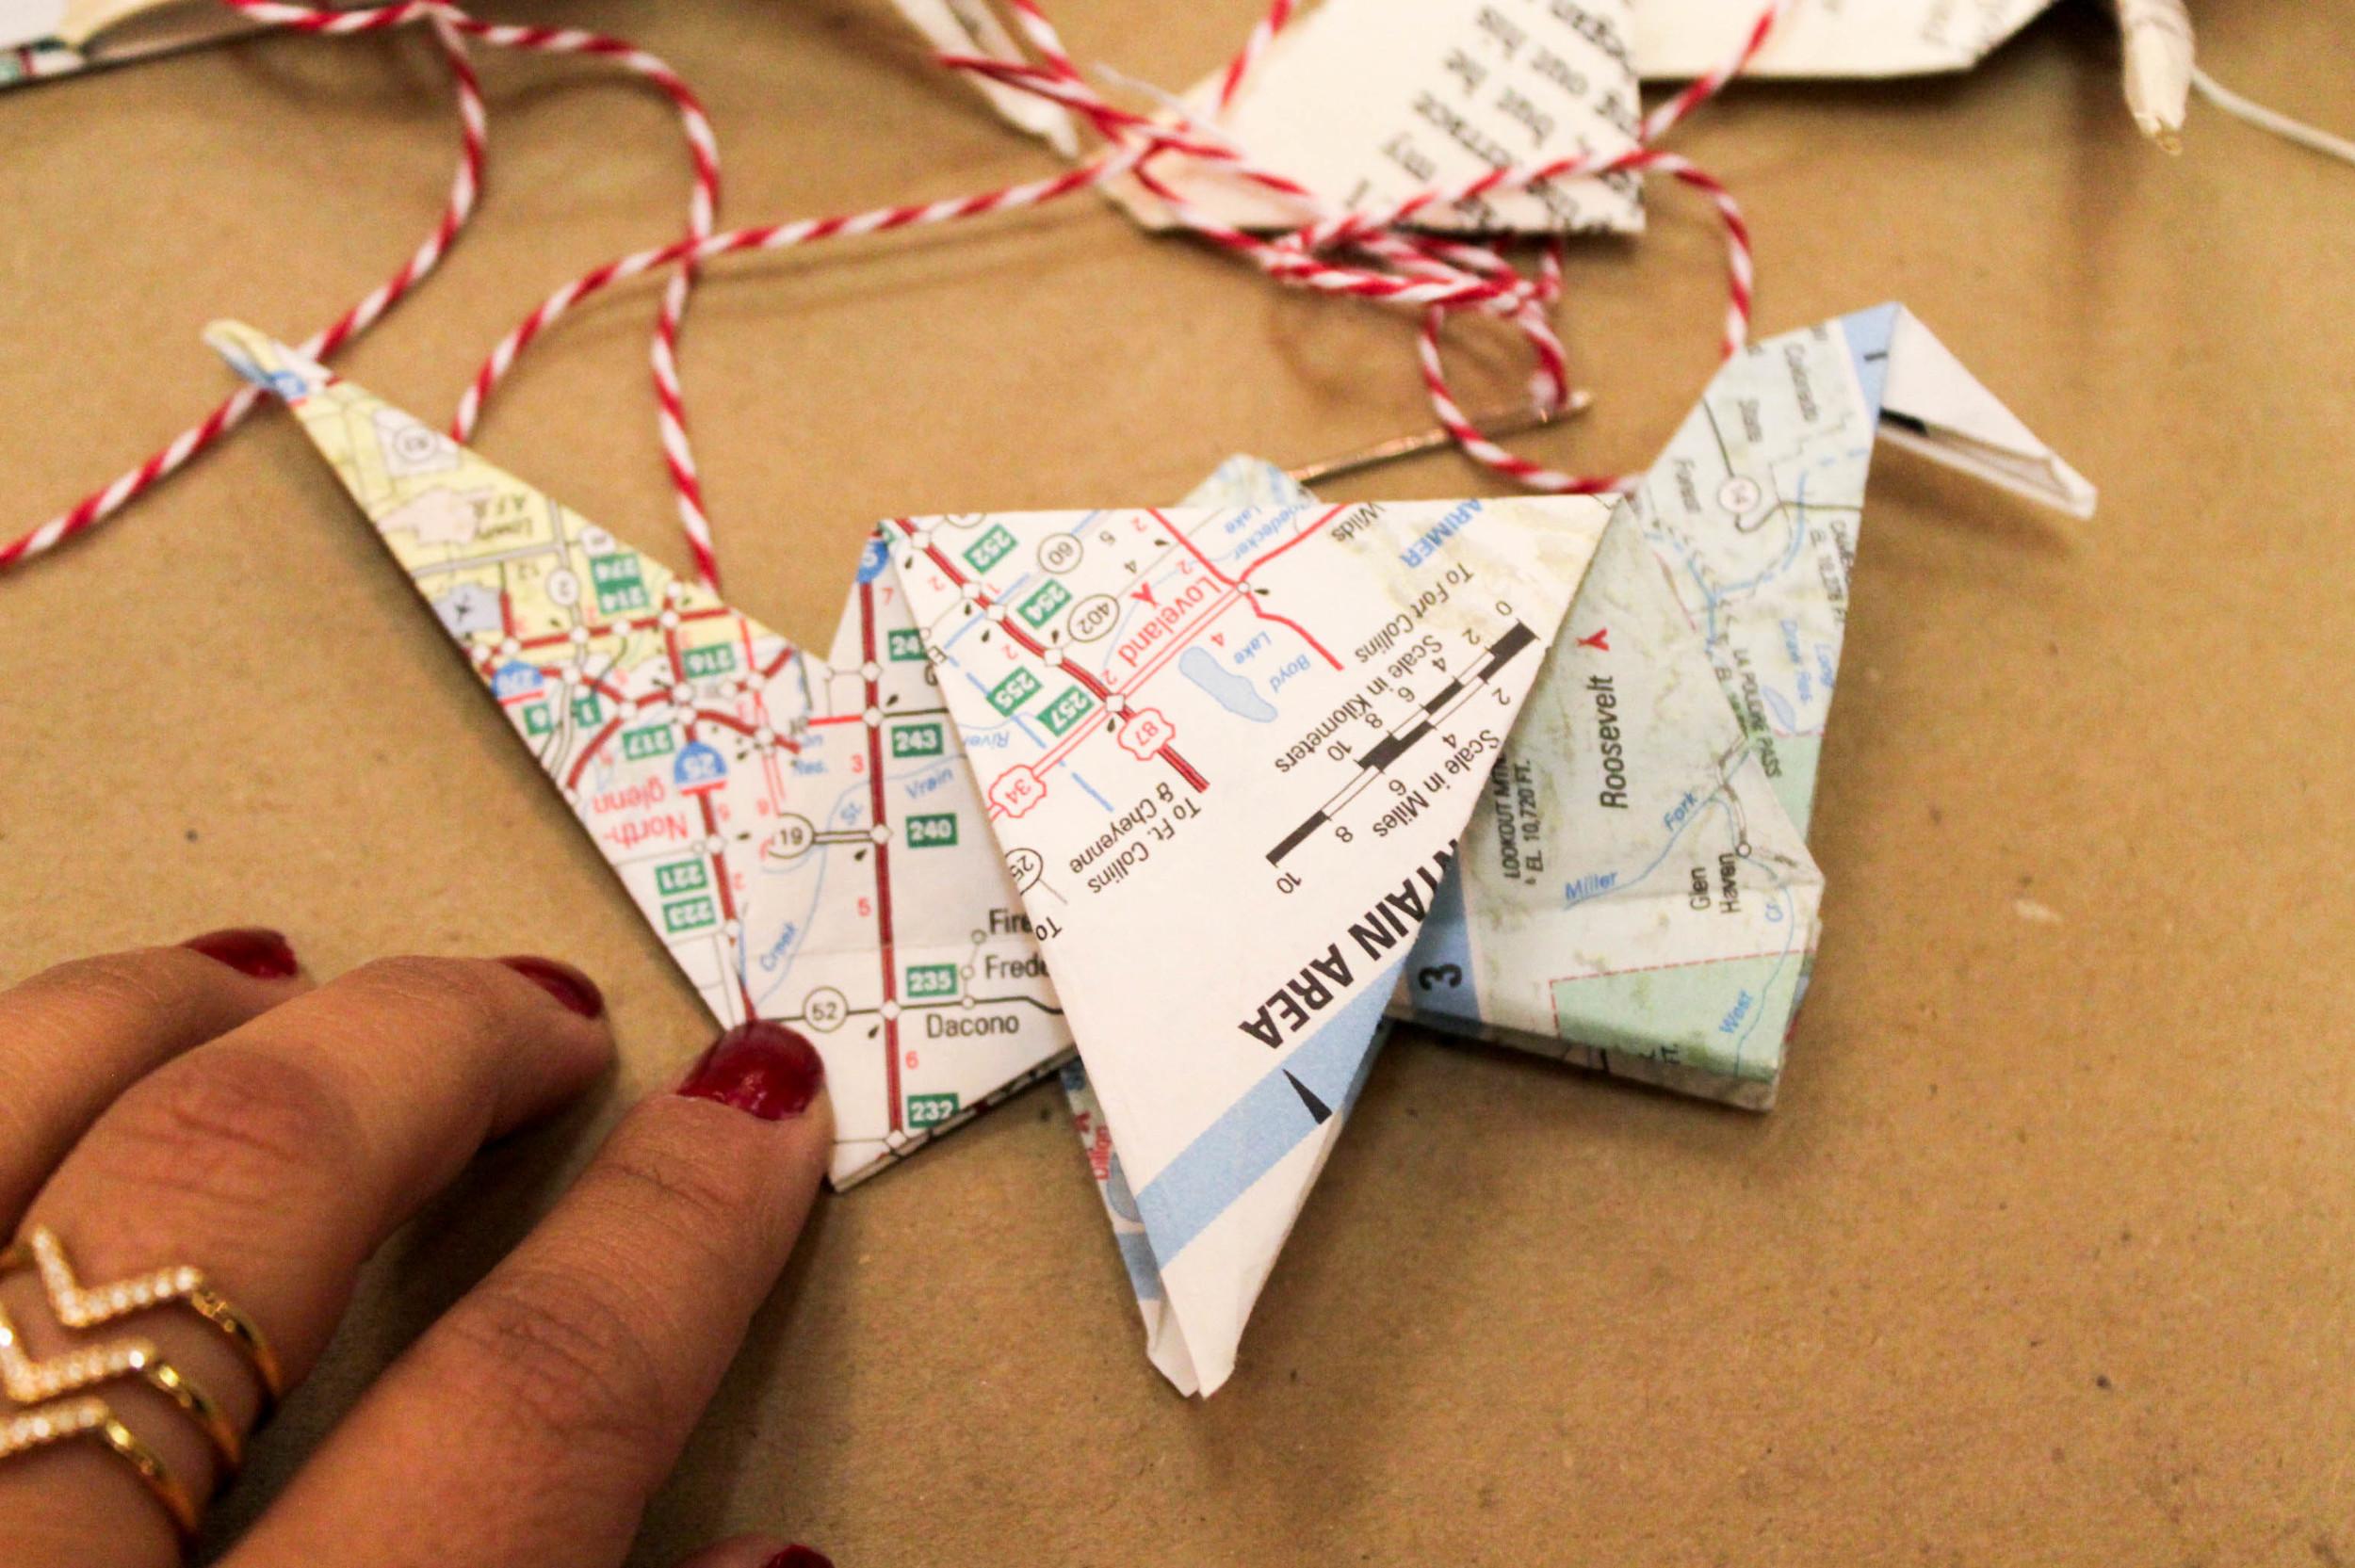 paper-cranes-etxe-24.jpg